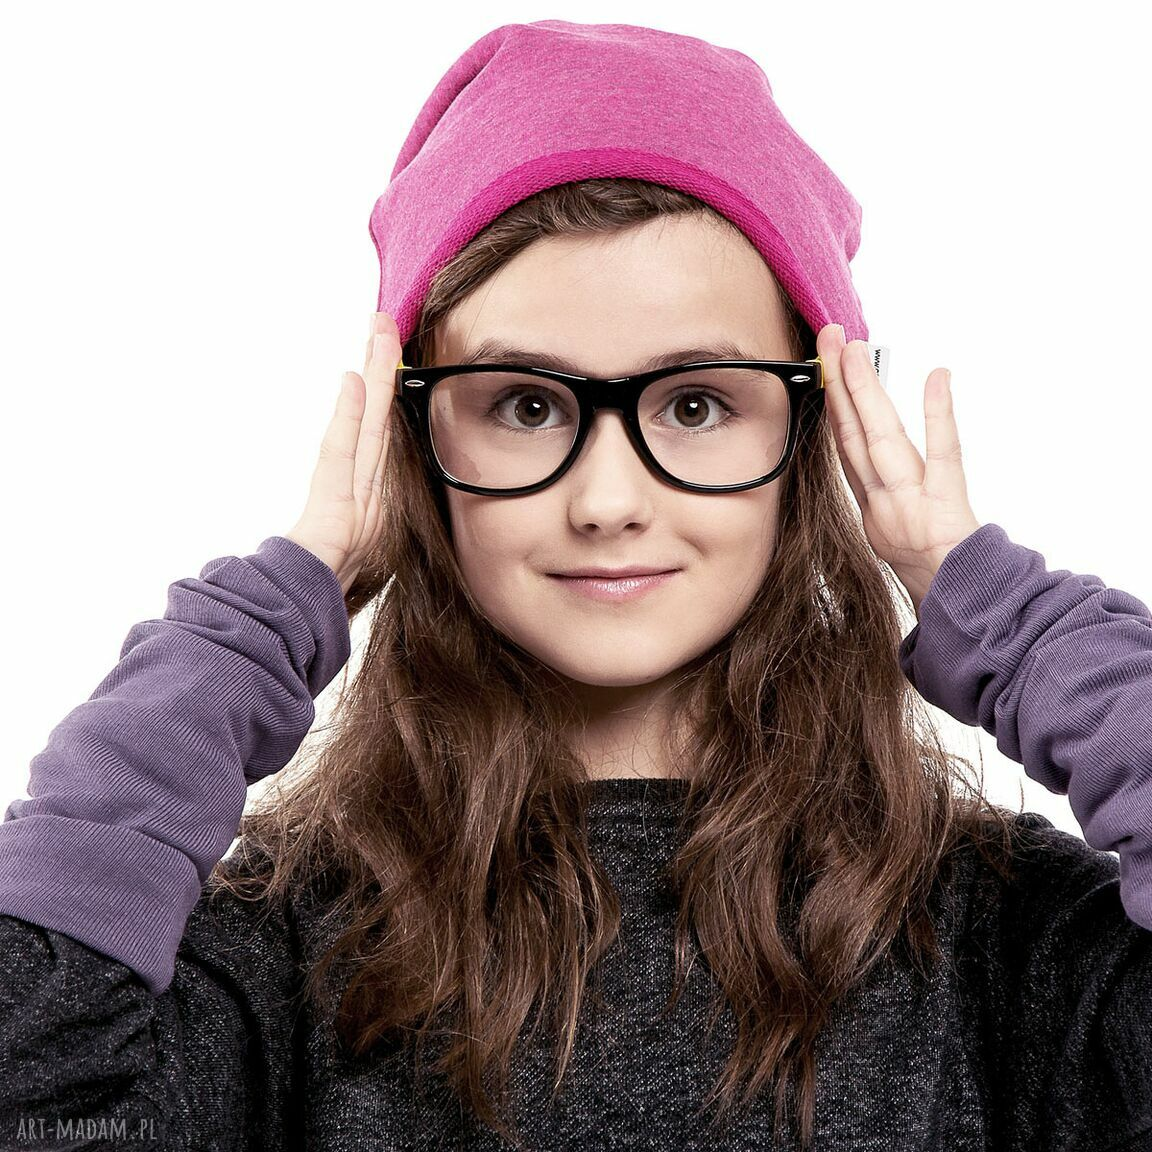 fuksjowa ubranka fioletowe wygodna i praktyczna czapka